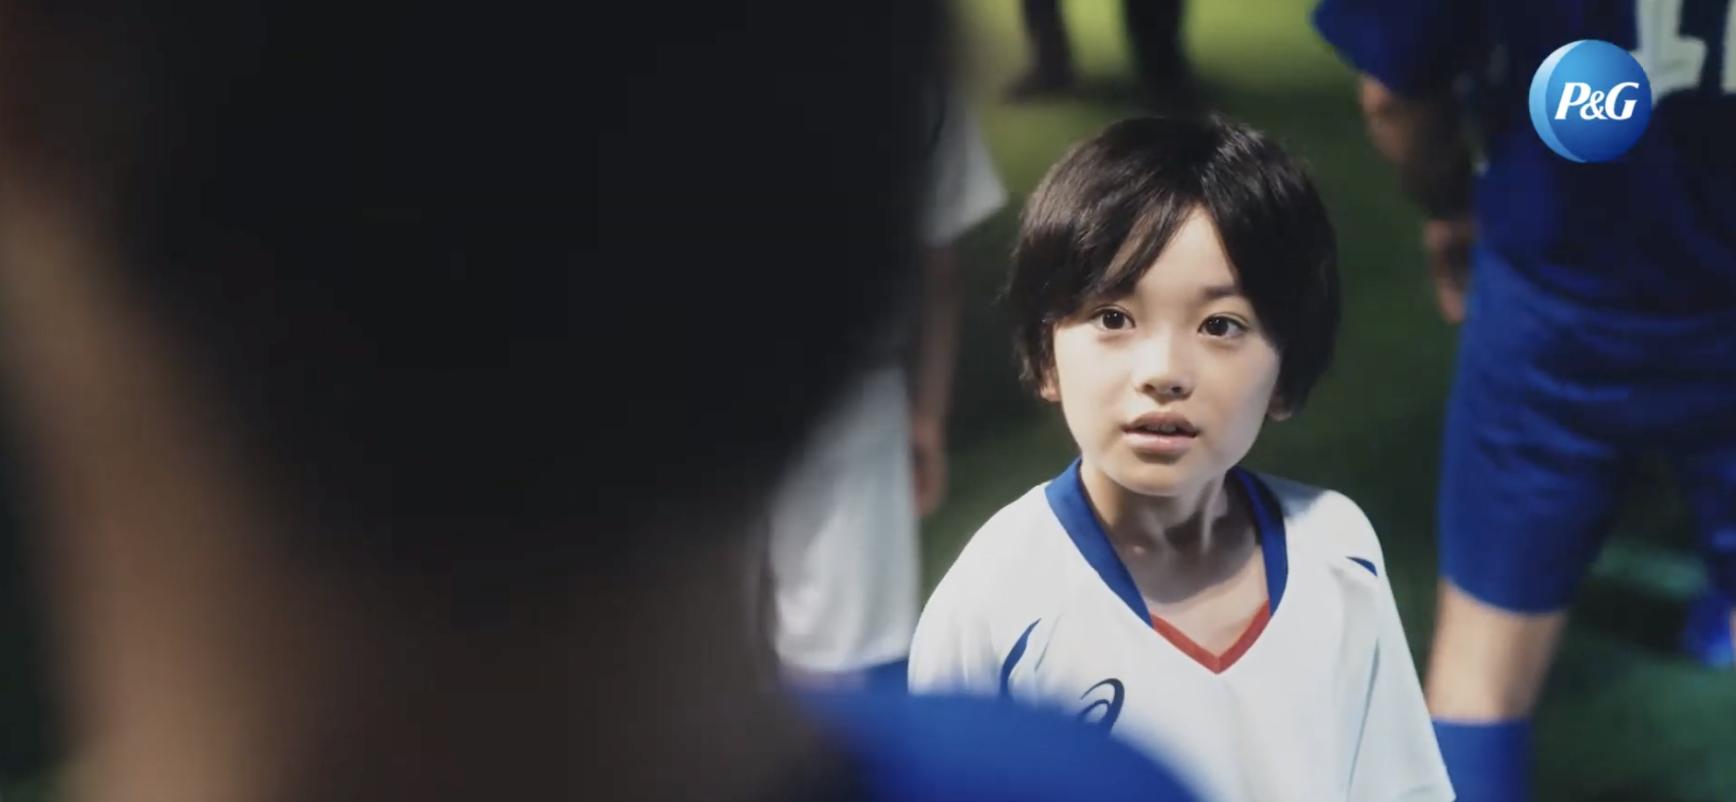 東京2020エスコートキッズCMの男の子は誰?P&Gで松岡修造と共演する子役を調査!